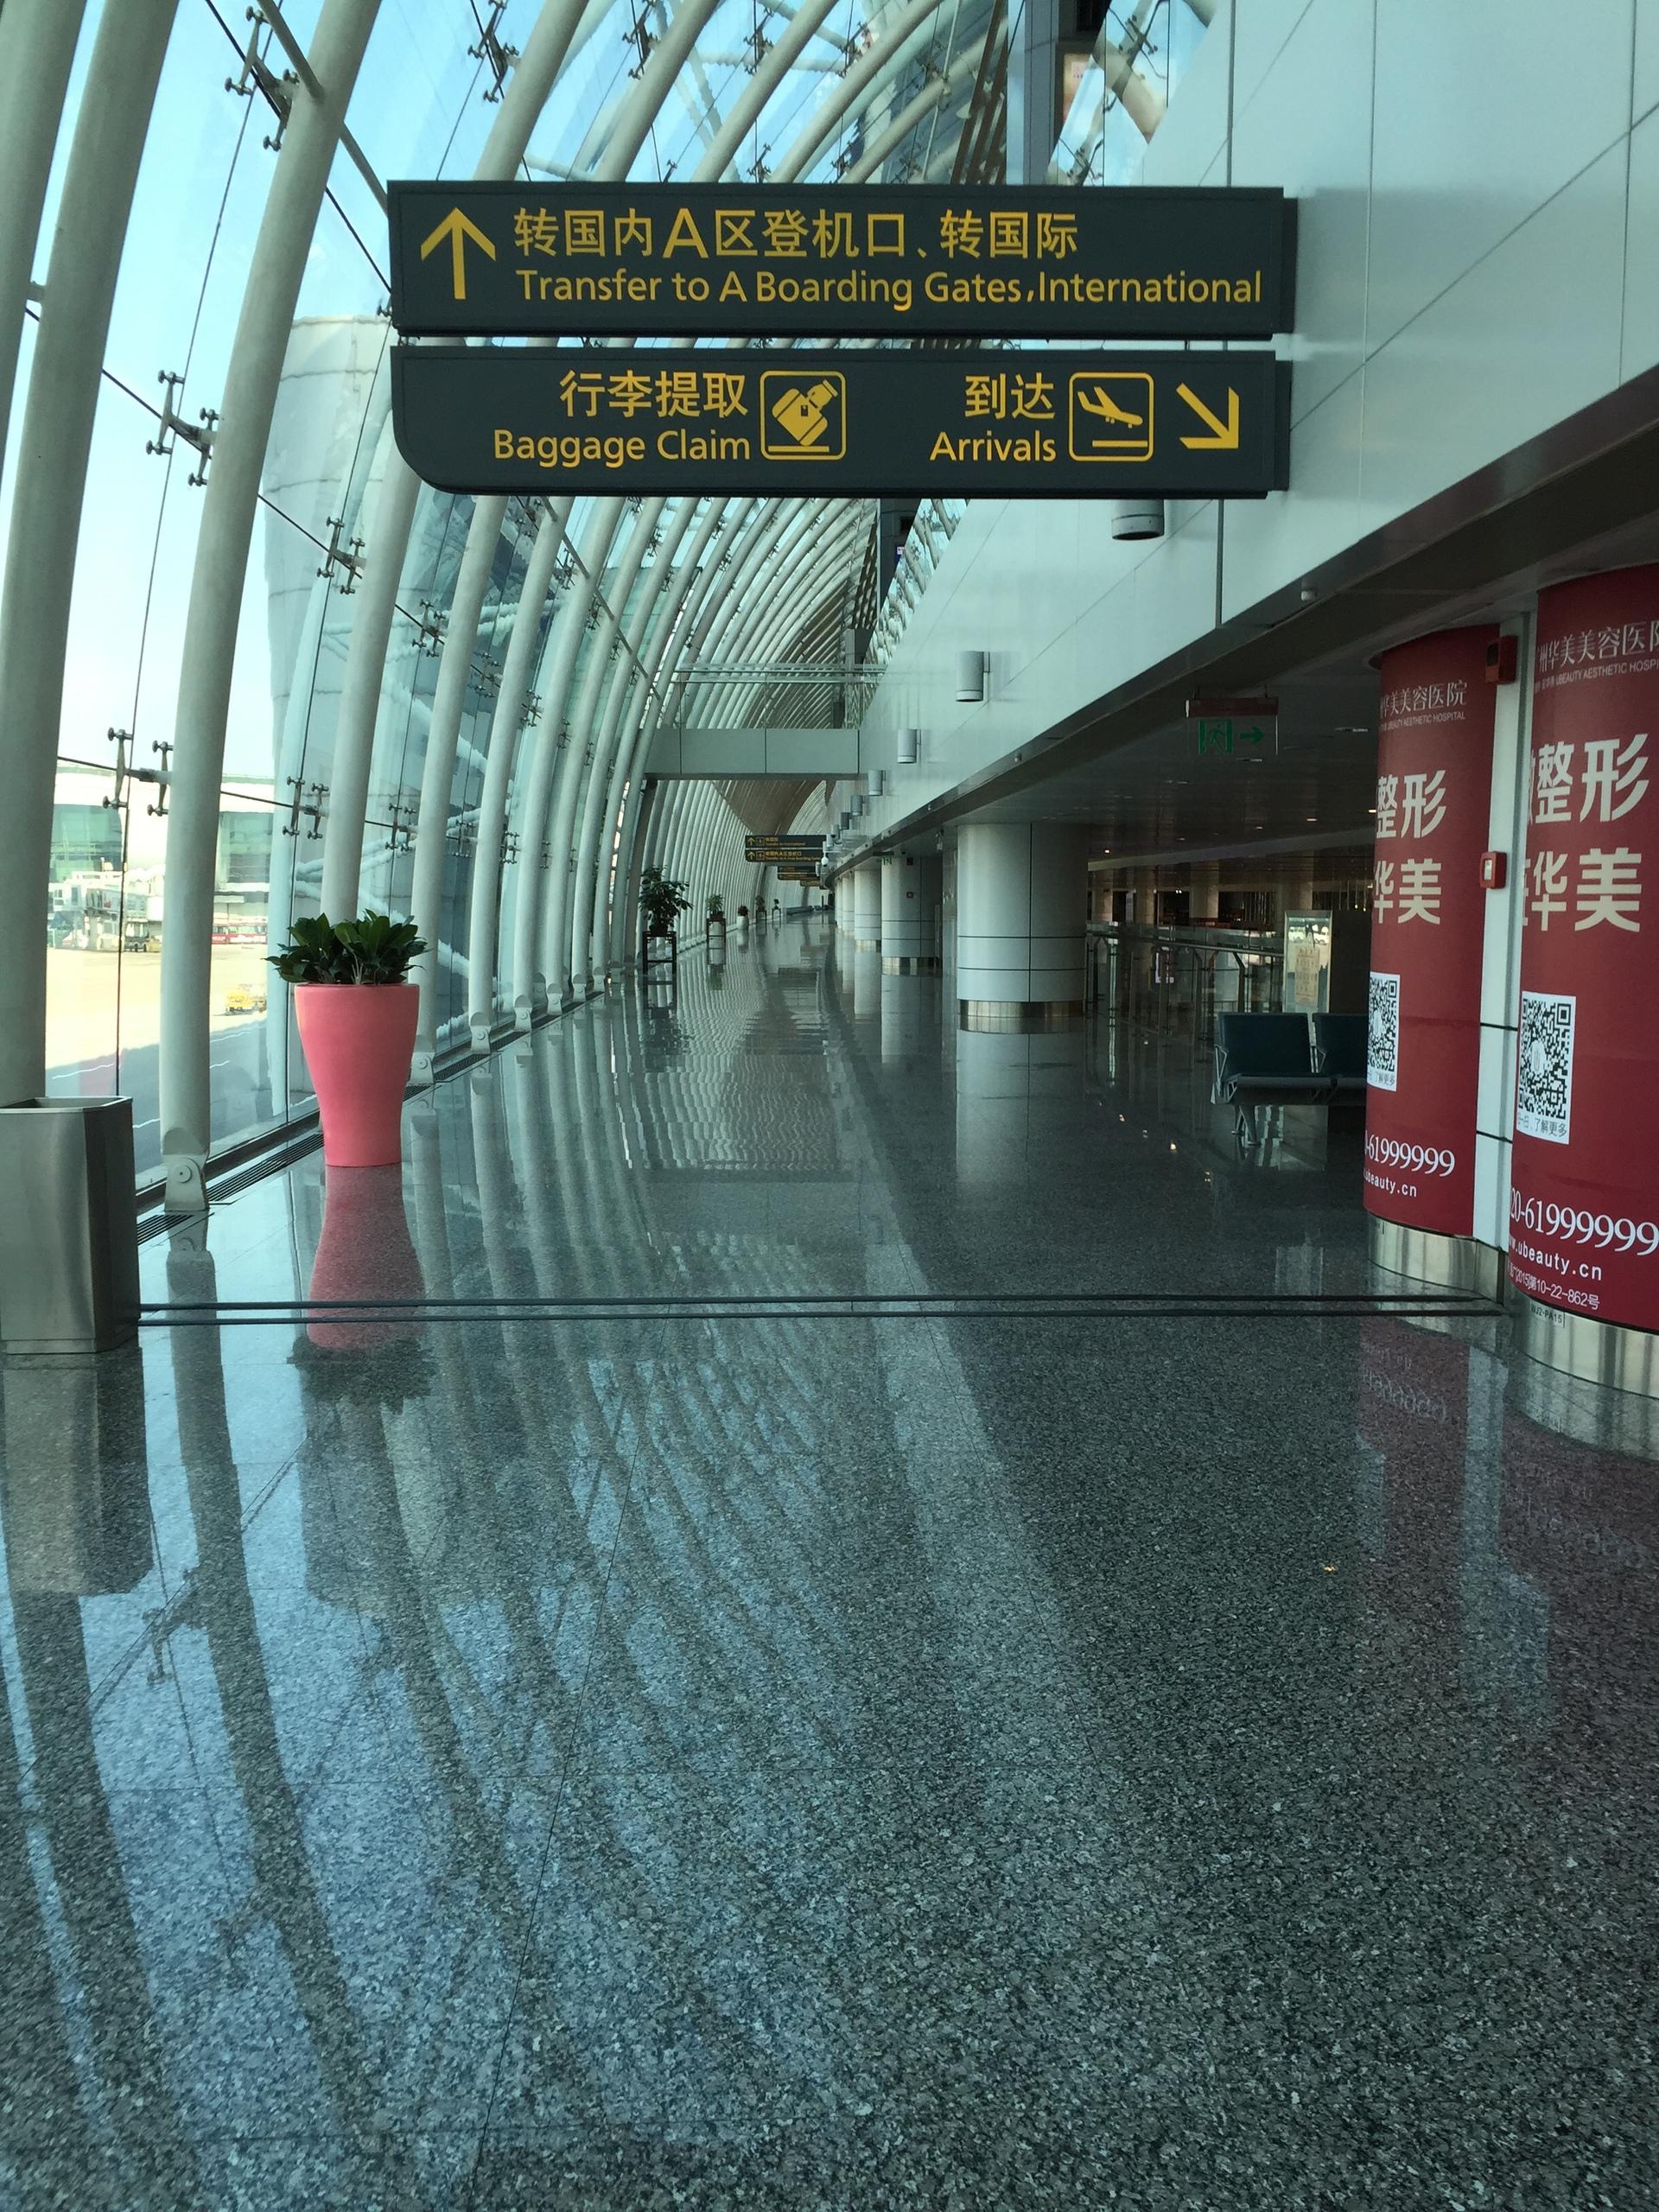 Guangzhou Baiyun International Airport  | cedman888, airport, blur, business